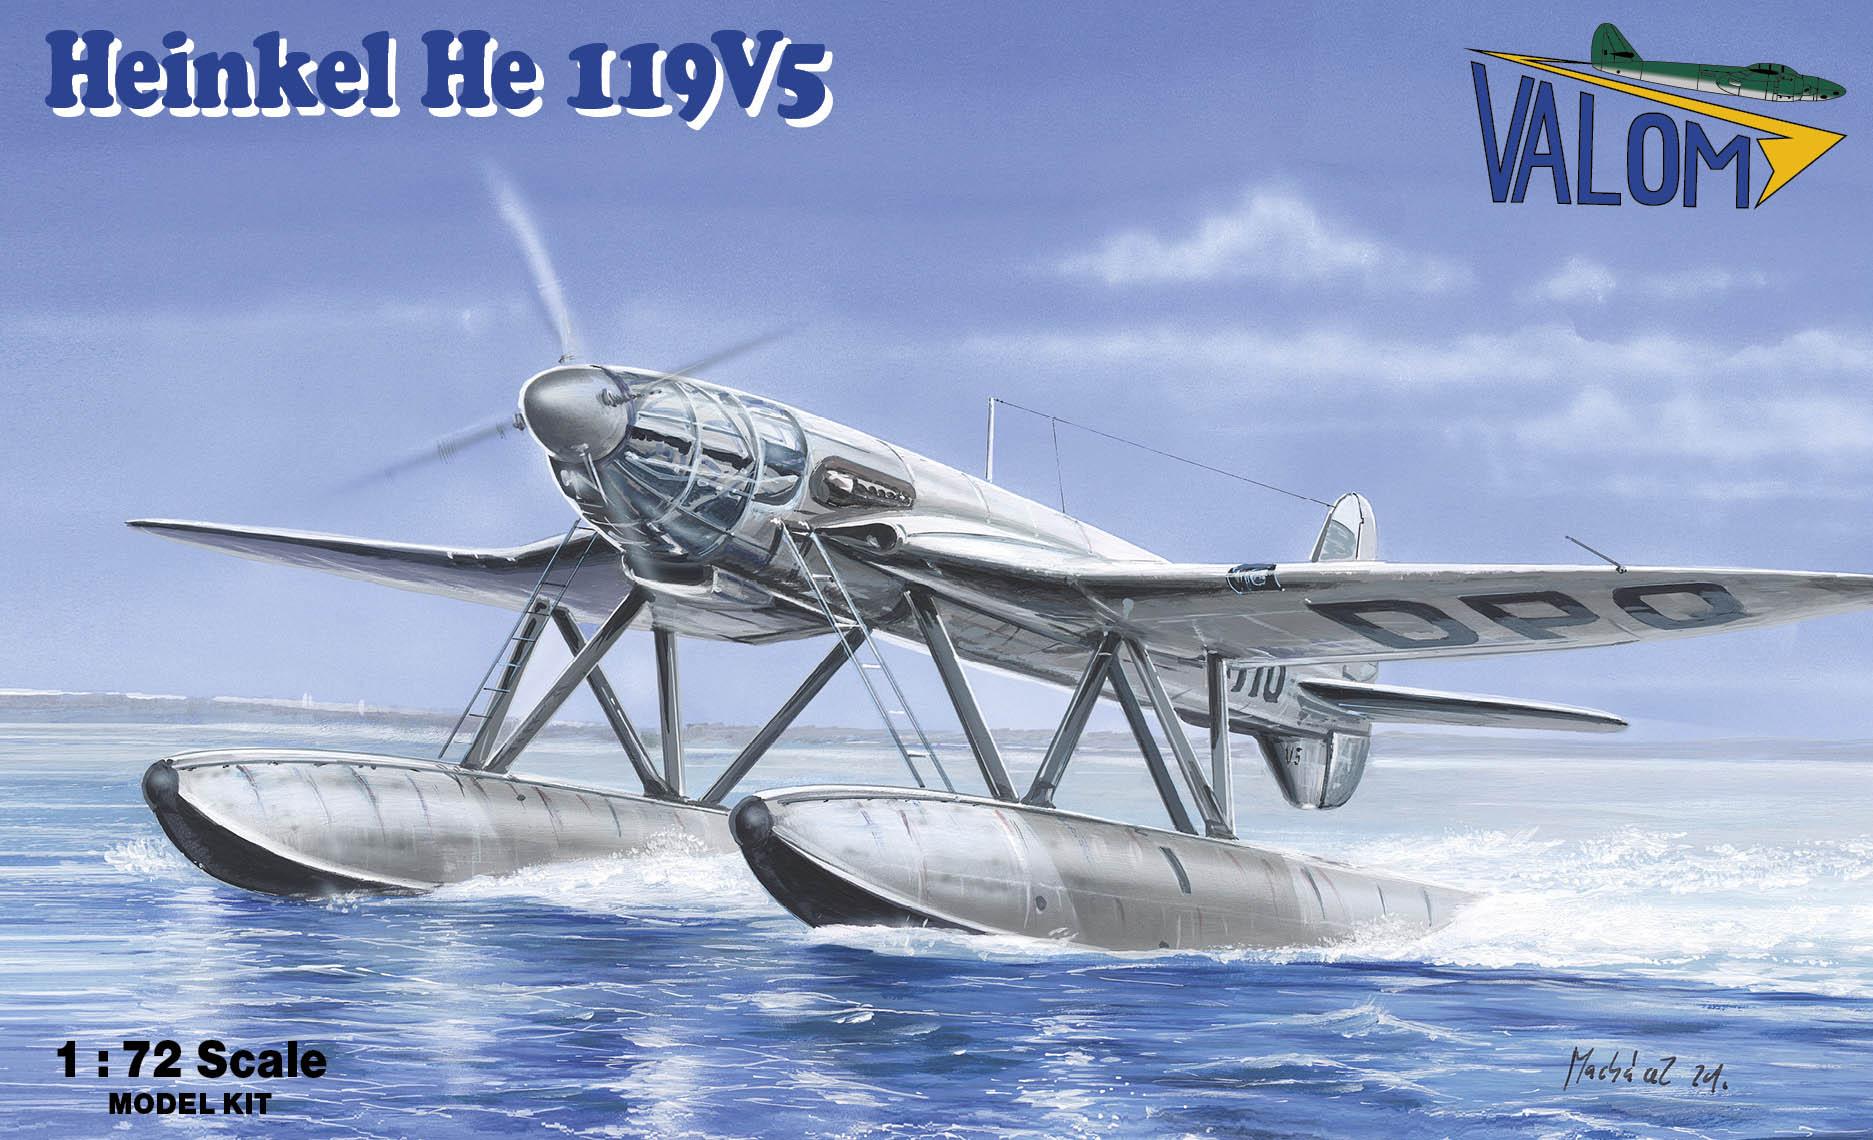 Valom Heinkel He 119V5